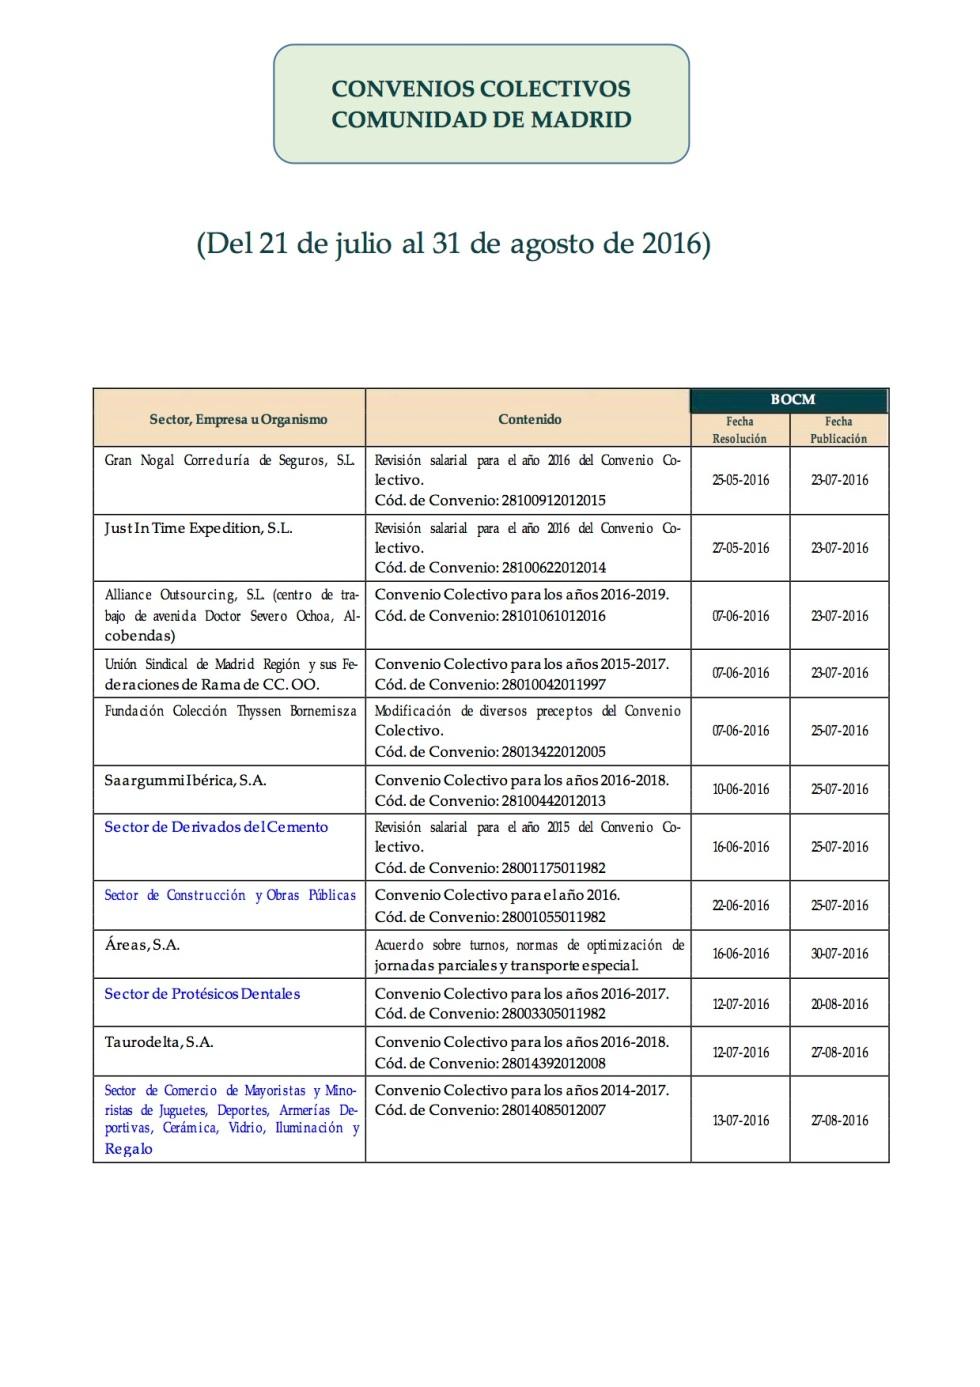 Convenios Madrid del 21 julio al 31 agosto 2016.jpg